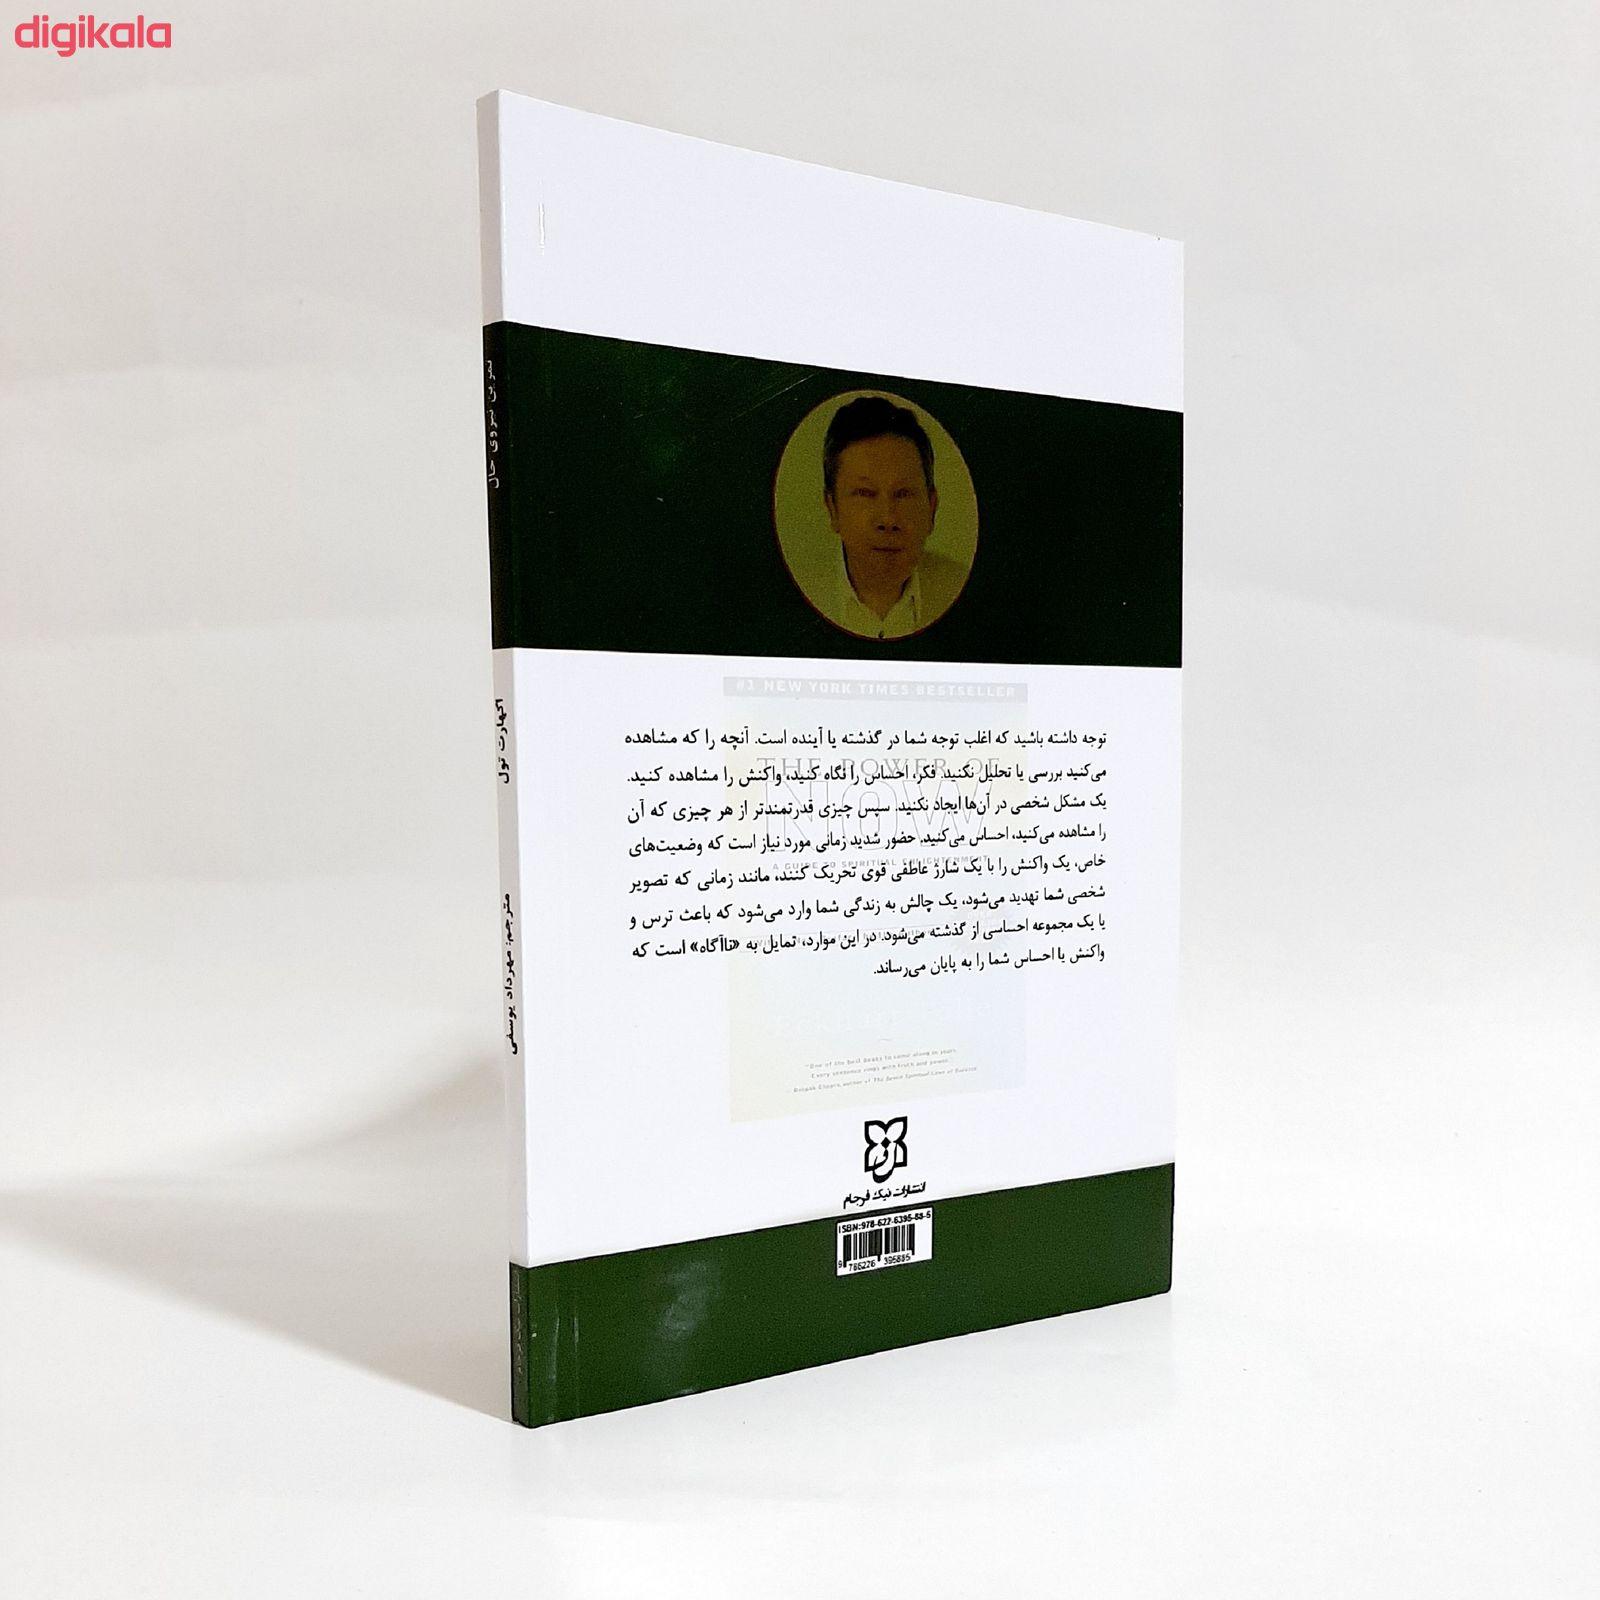 کتاب تمرین نیروی حال اثر اکهارت تول انتشارات نیک فرجام main 1 2